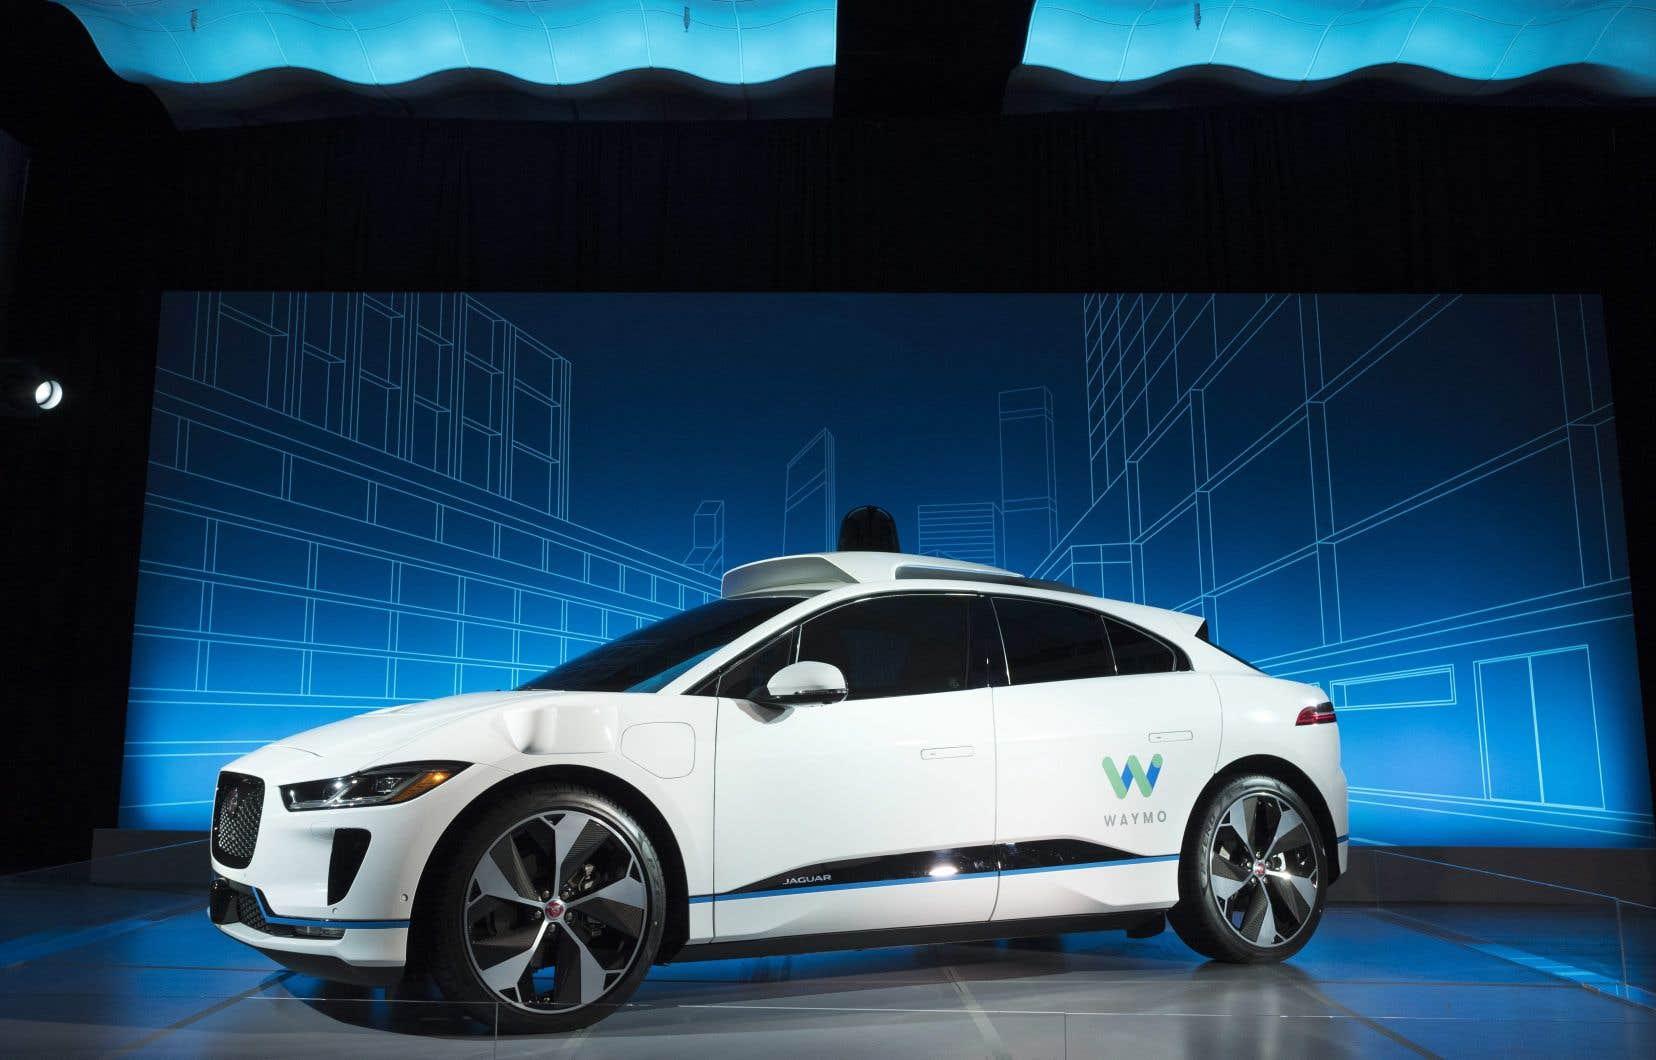 Le constructeur va s'allier à Waymo, jugée comme l'une des entreprises les plus avancées en matière de conduite autonome.